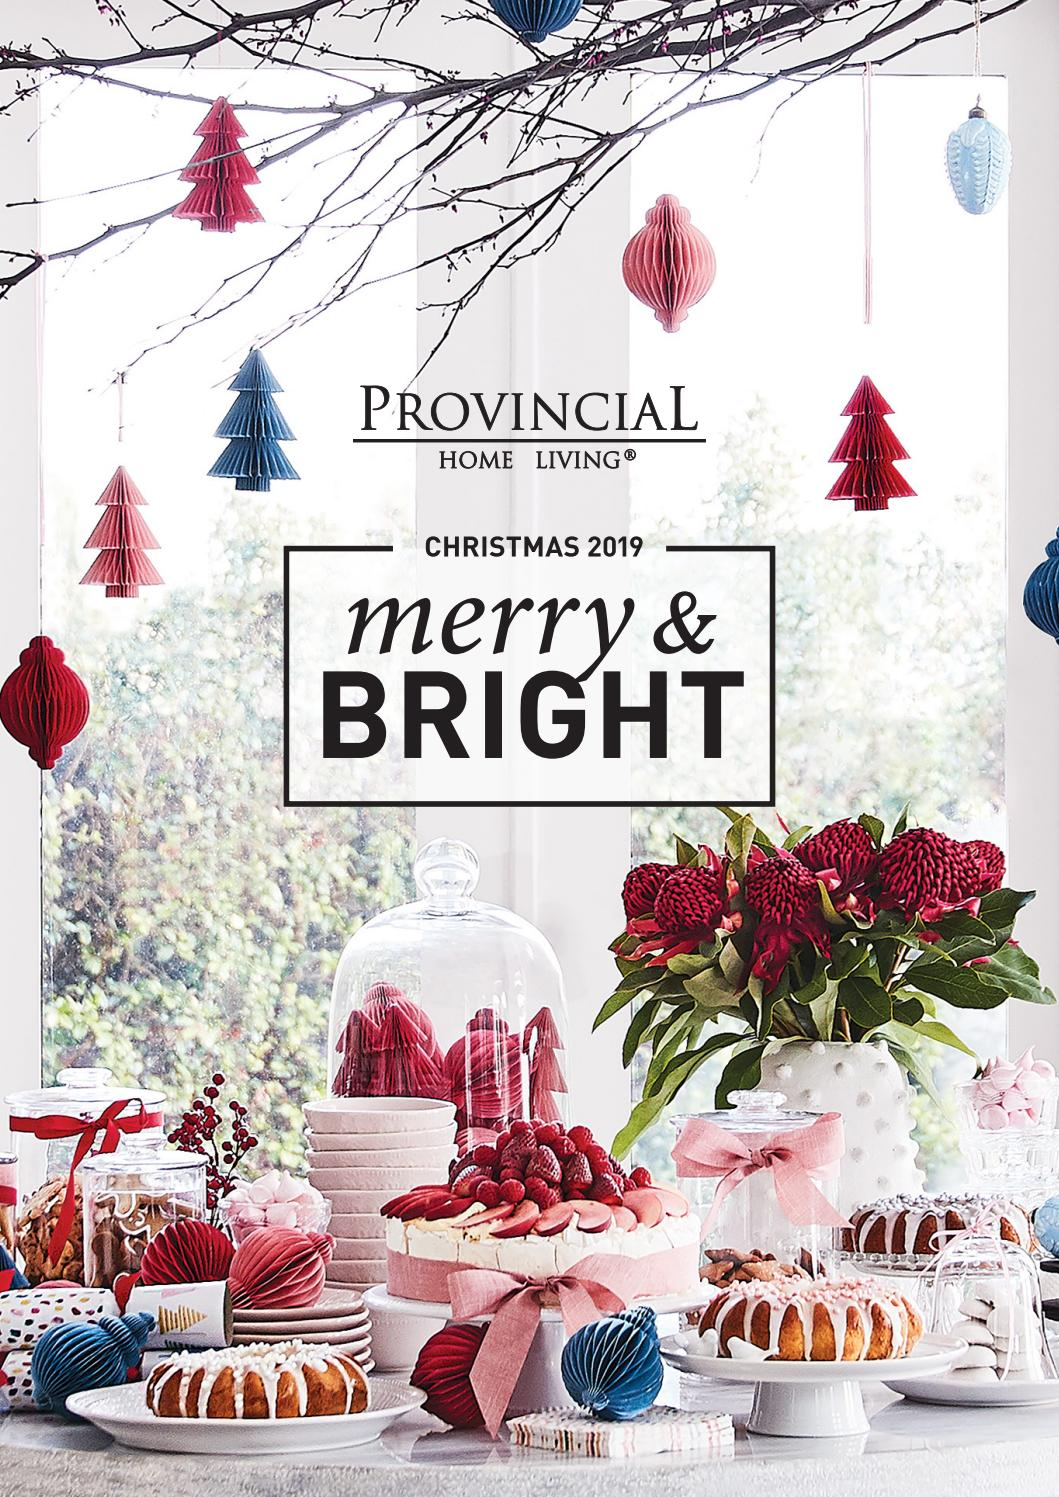 Provincial Home Living Christmas Catalogue 2019 By Provincial Home Living Issuu